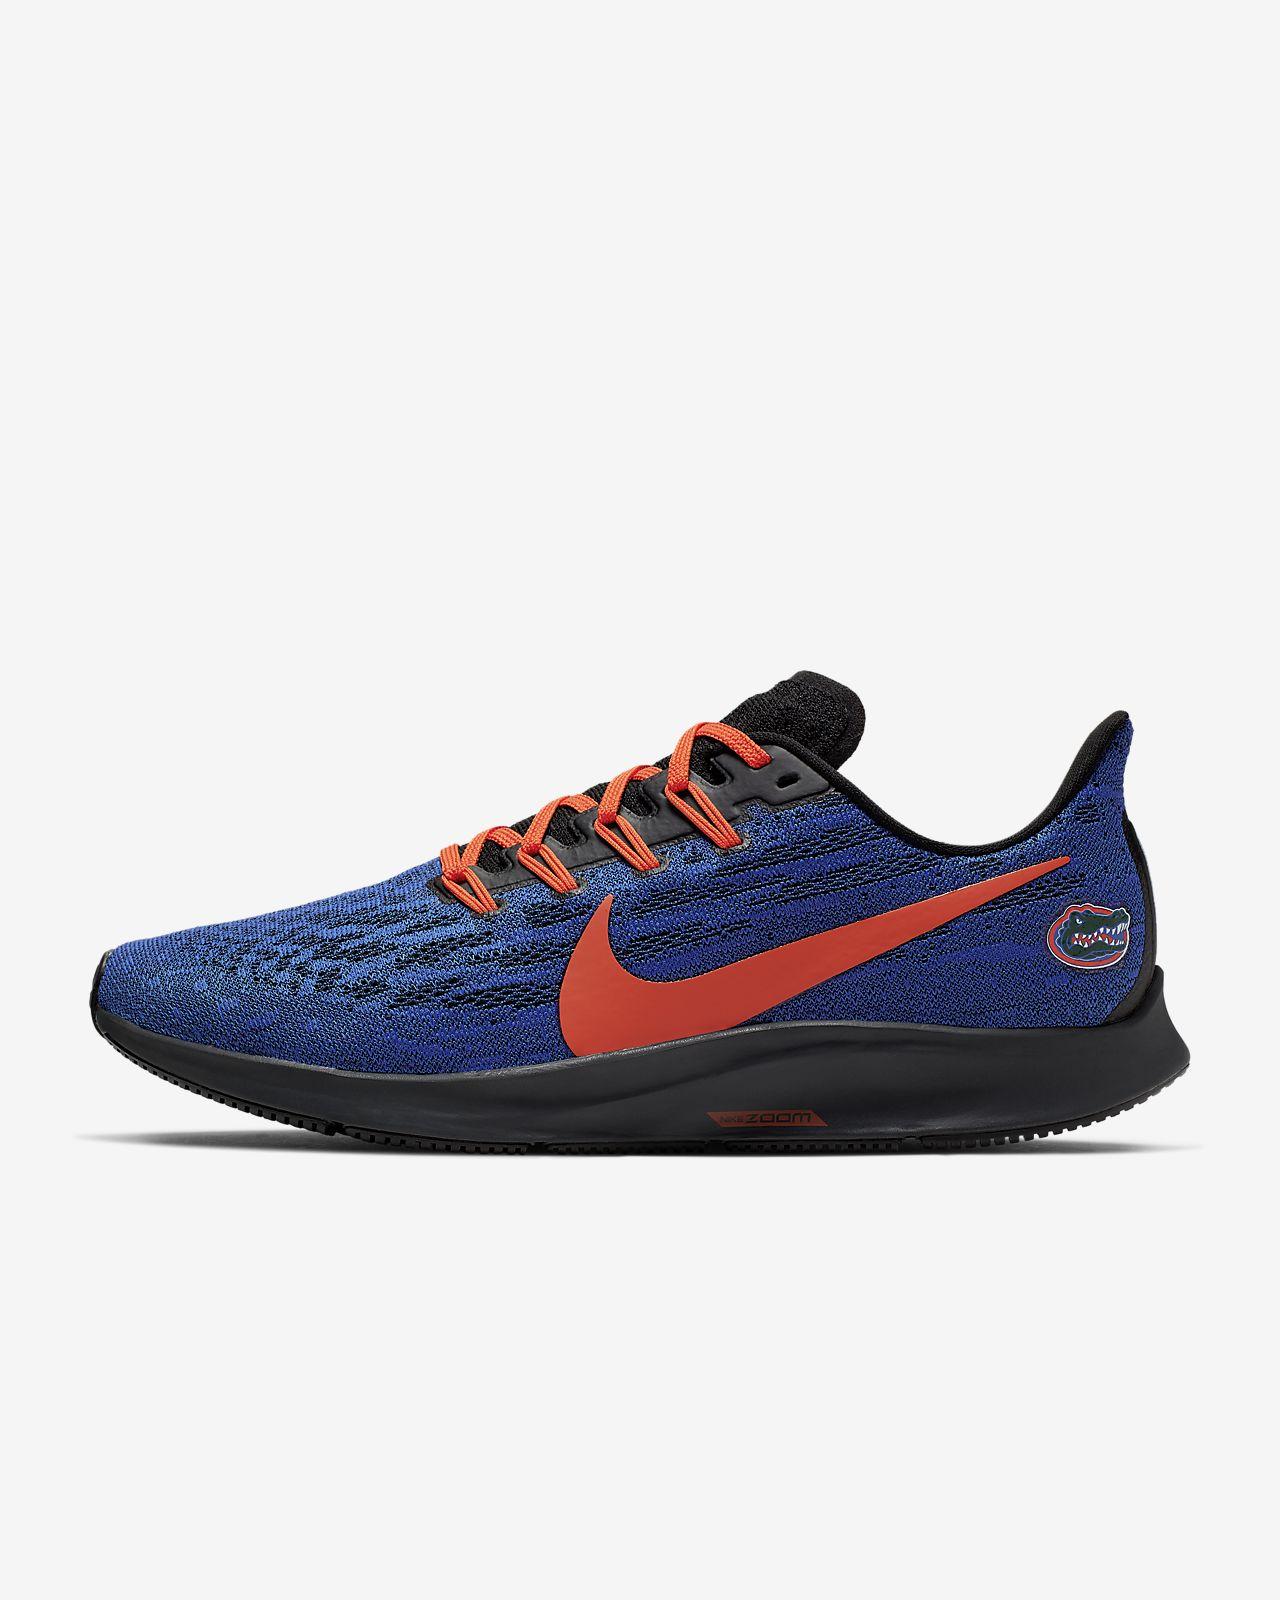 Nike Air Zoom Pegasus 36 (Florida) Men's Running Shoe